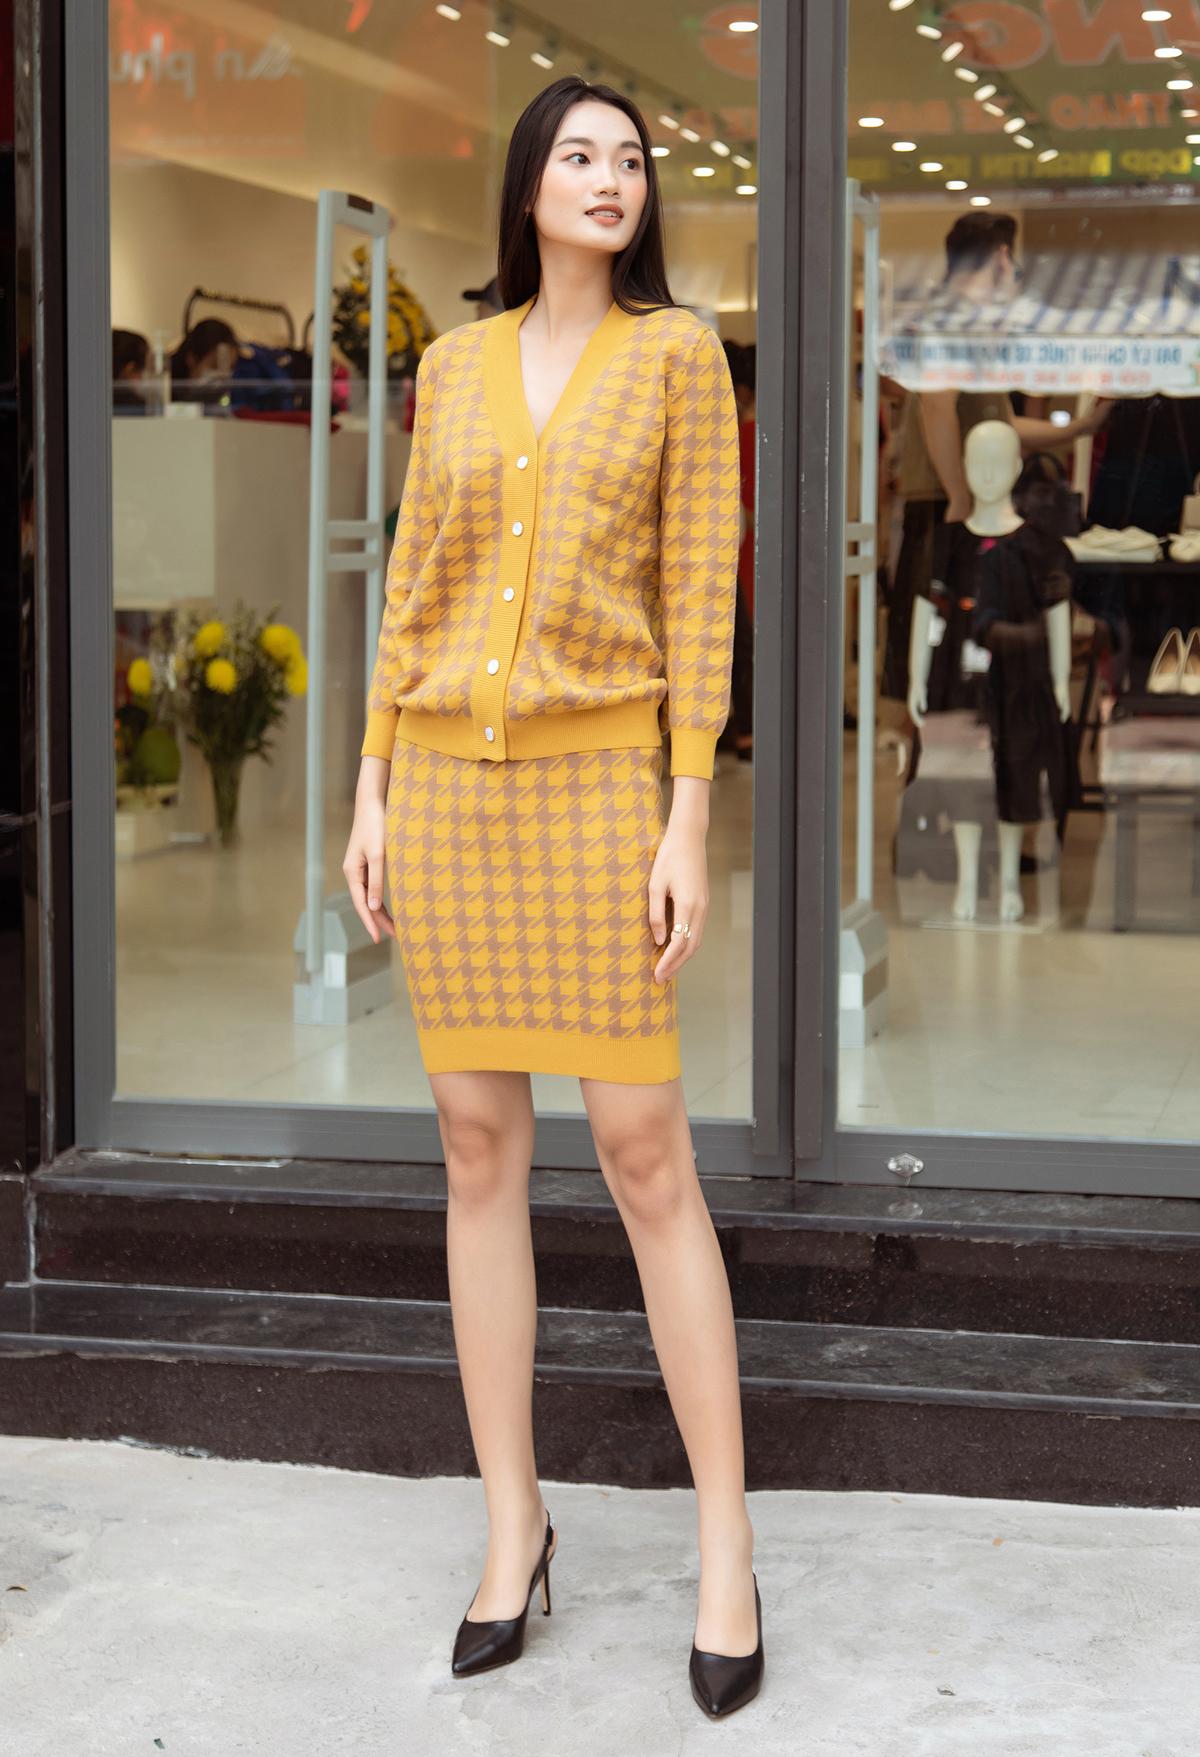 Á quân The Face Vietnam Quỳnh Anh cũng góp mặt với bộ váy dệt kim cổ điển.